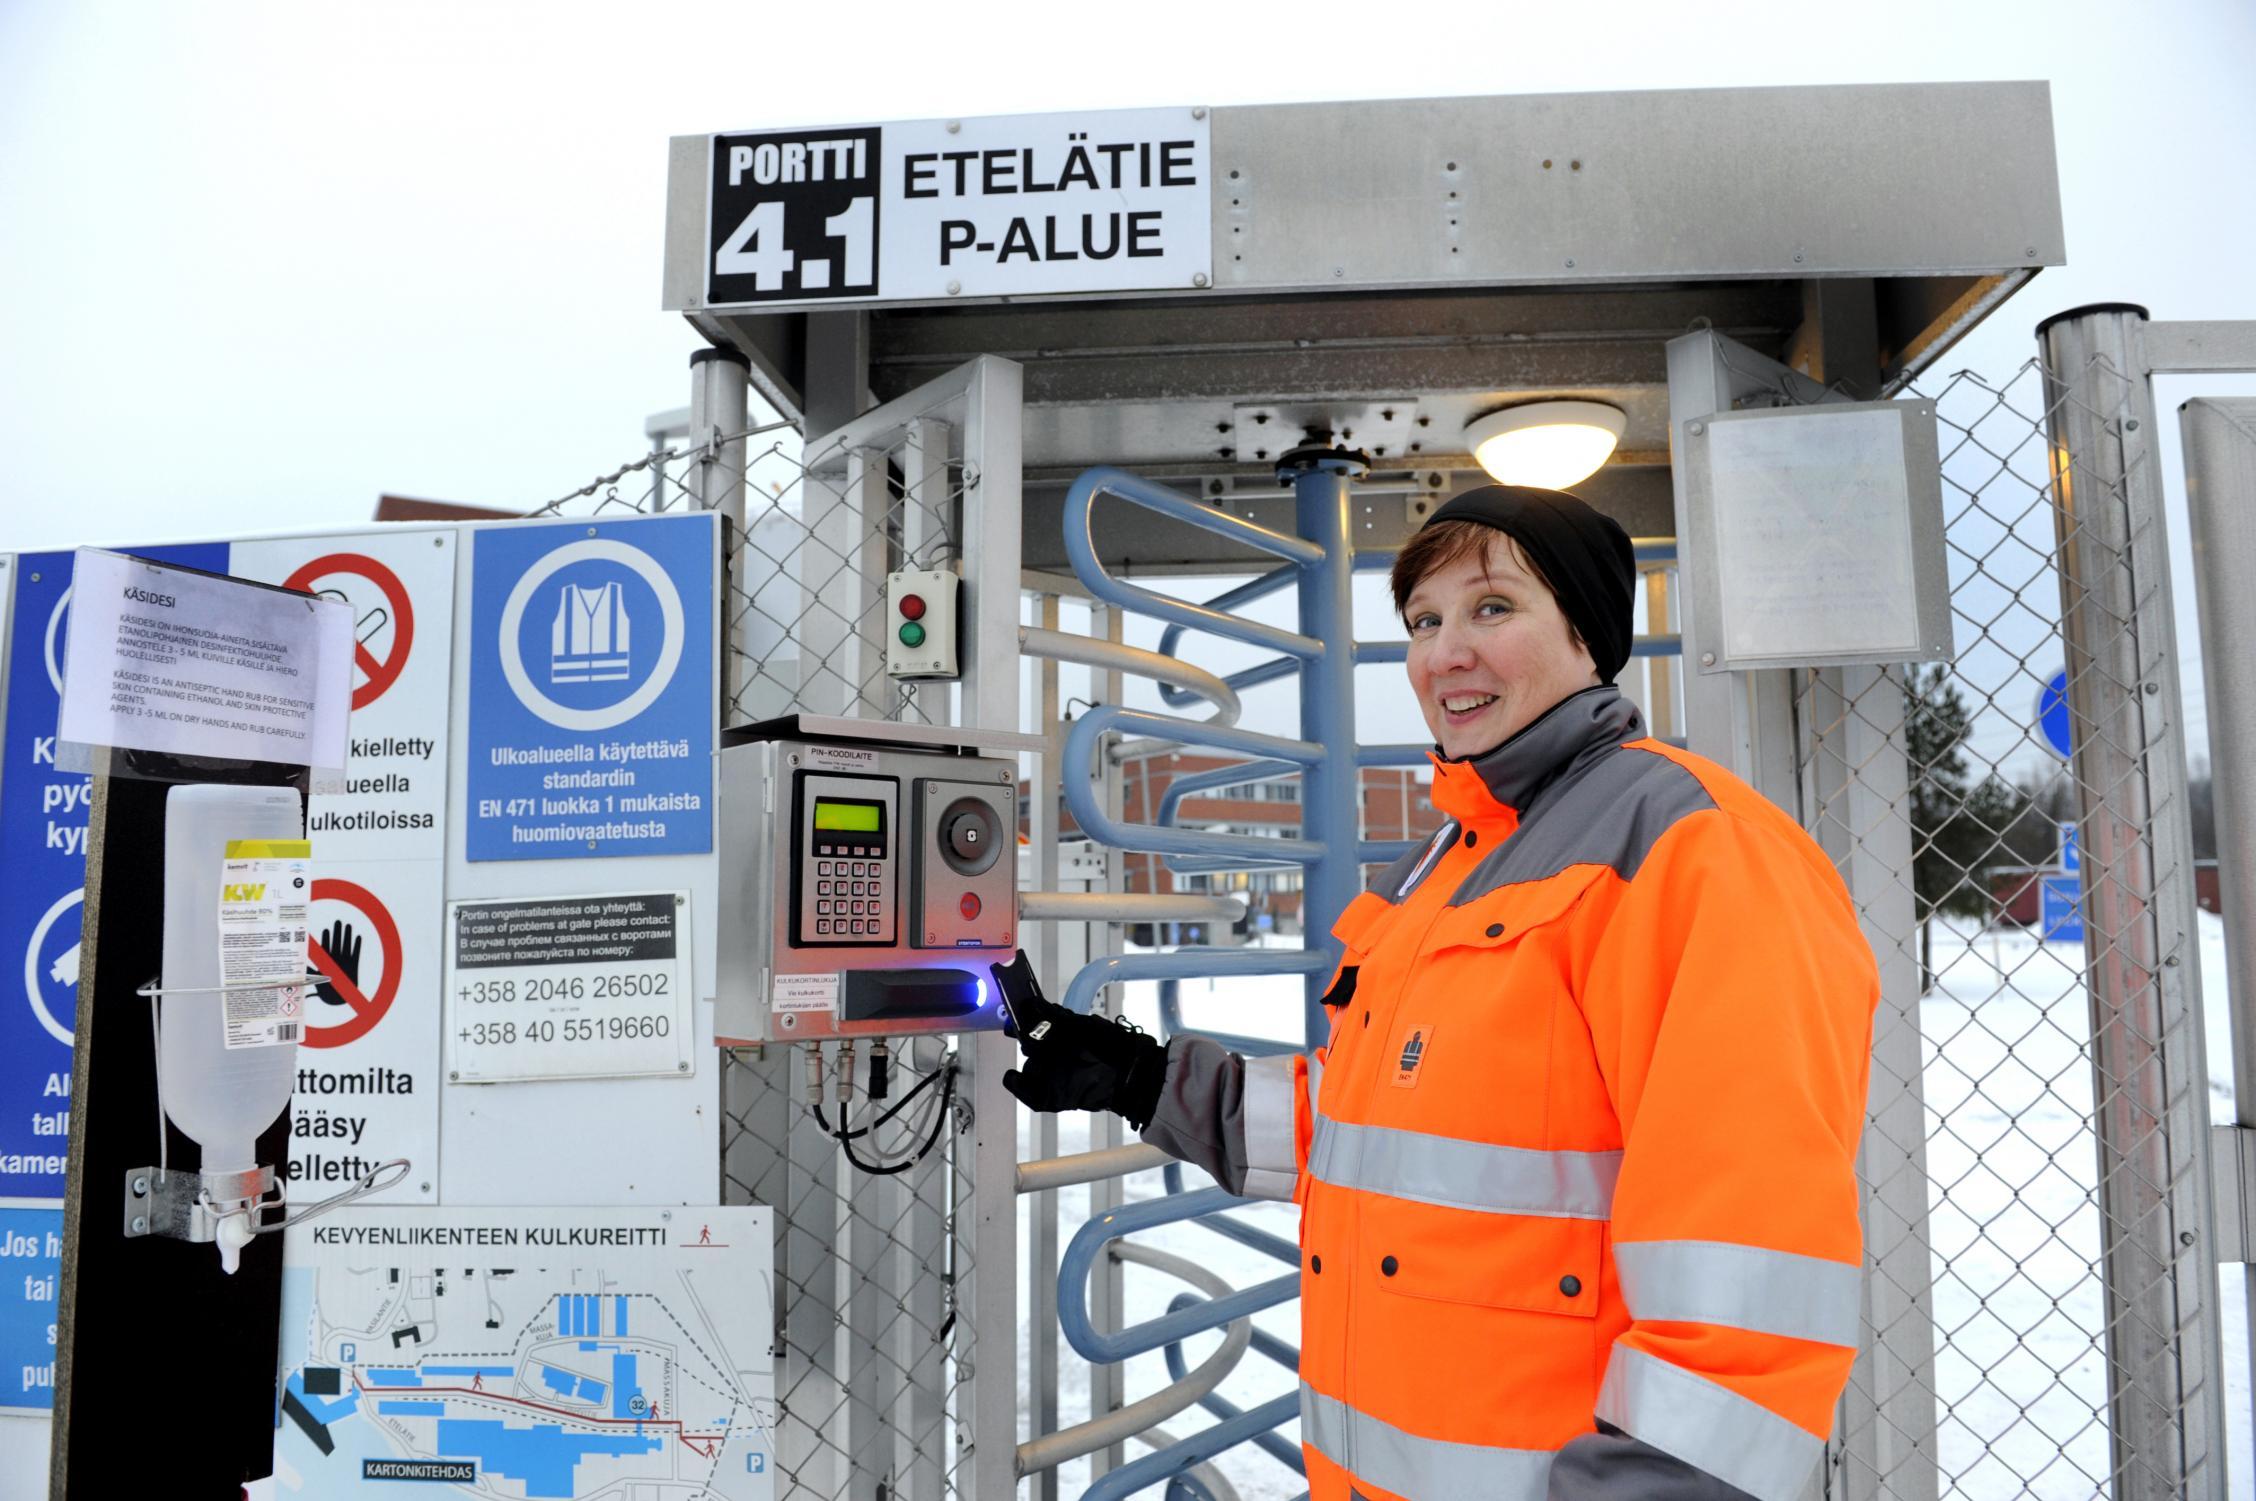 Tuula Häsä iloitsee siitä, että työkavereiden kanssa voi puhua kaikenlaisista asioista, vaikkakin vuorovaikutus on vähentynyt korona-aikana.